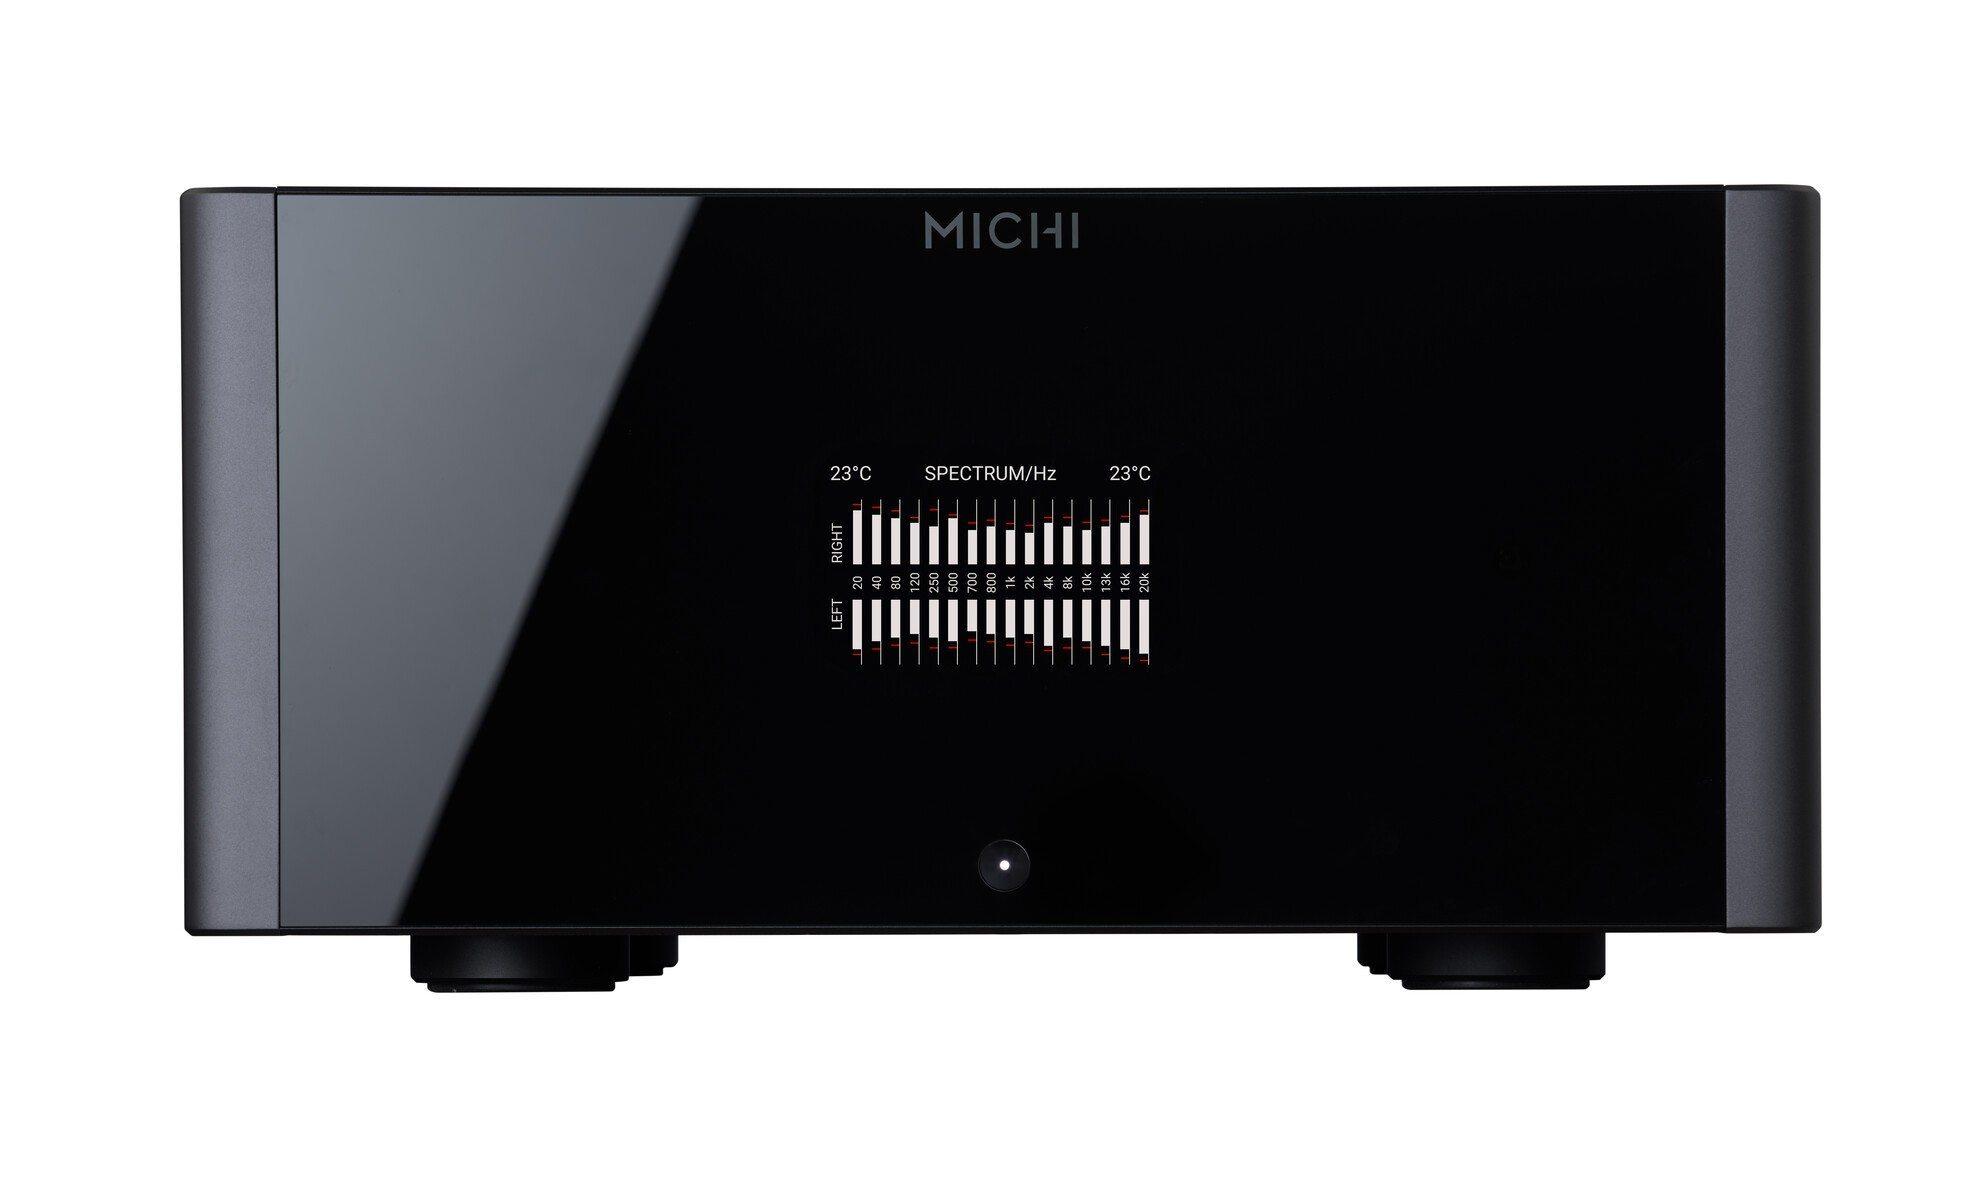 Michi S5